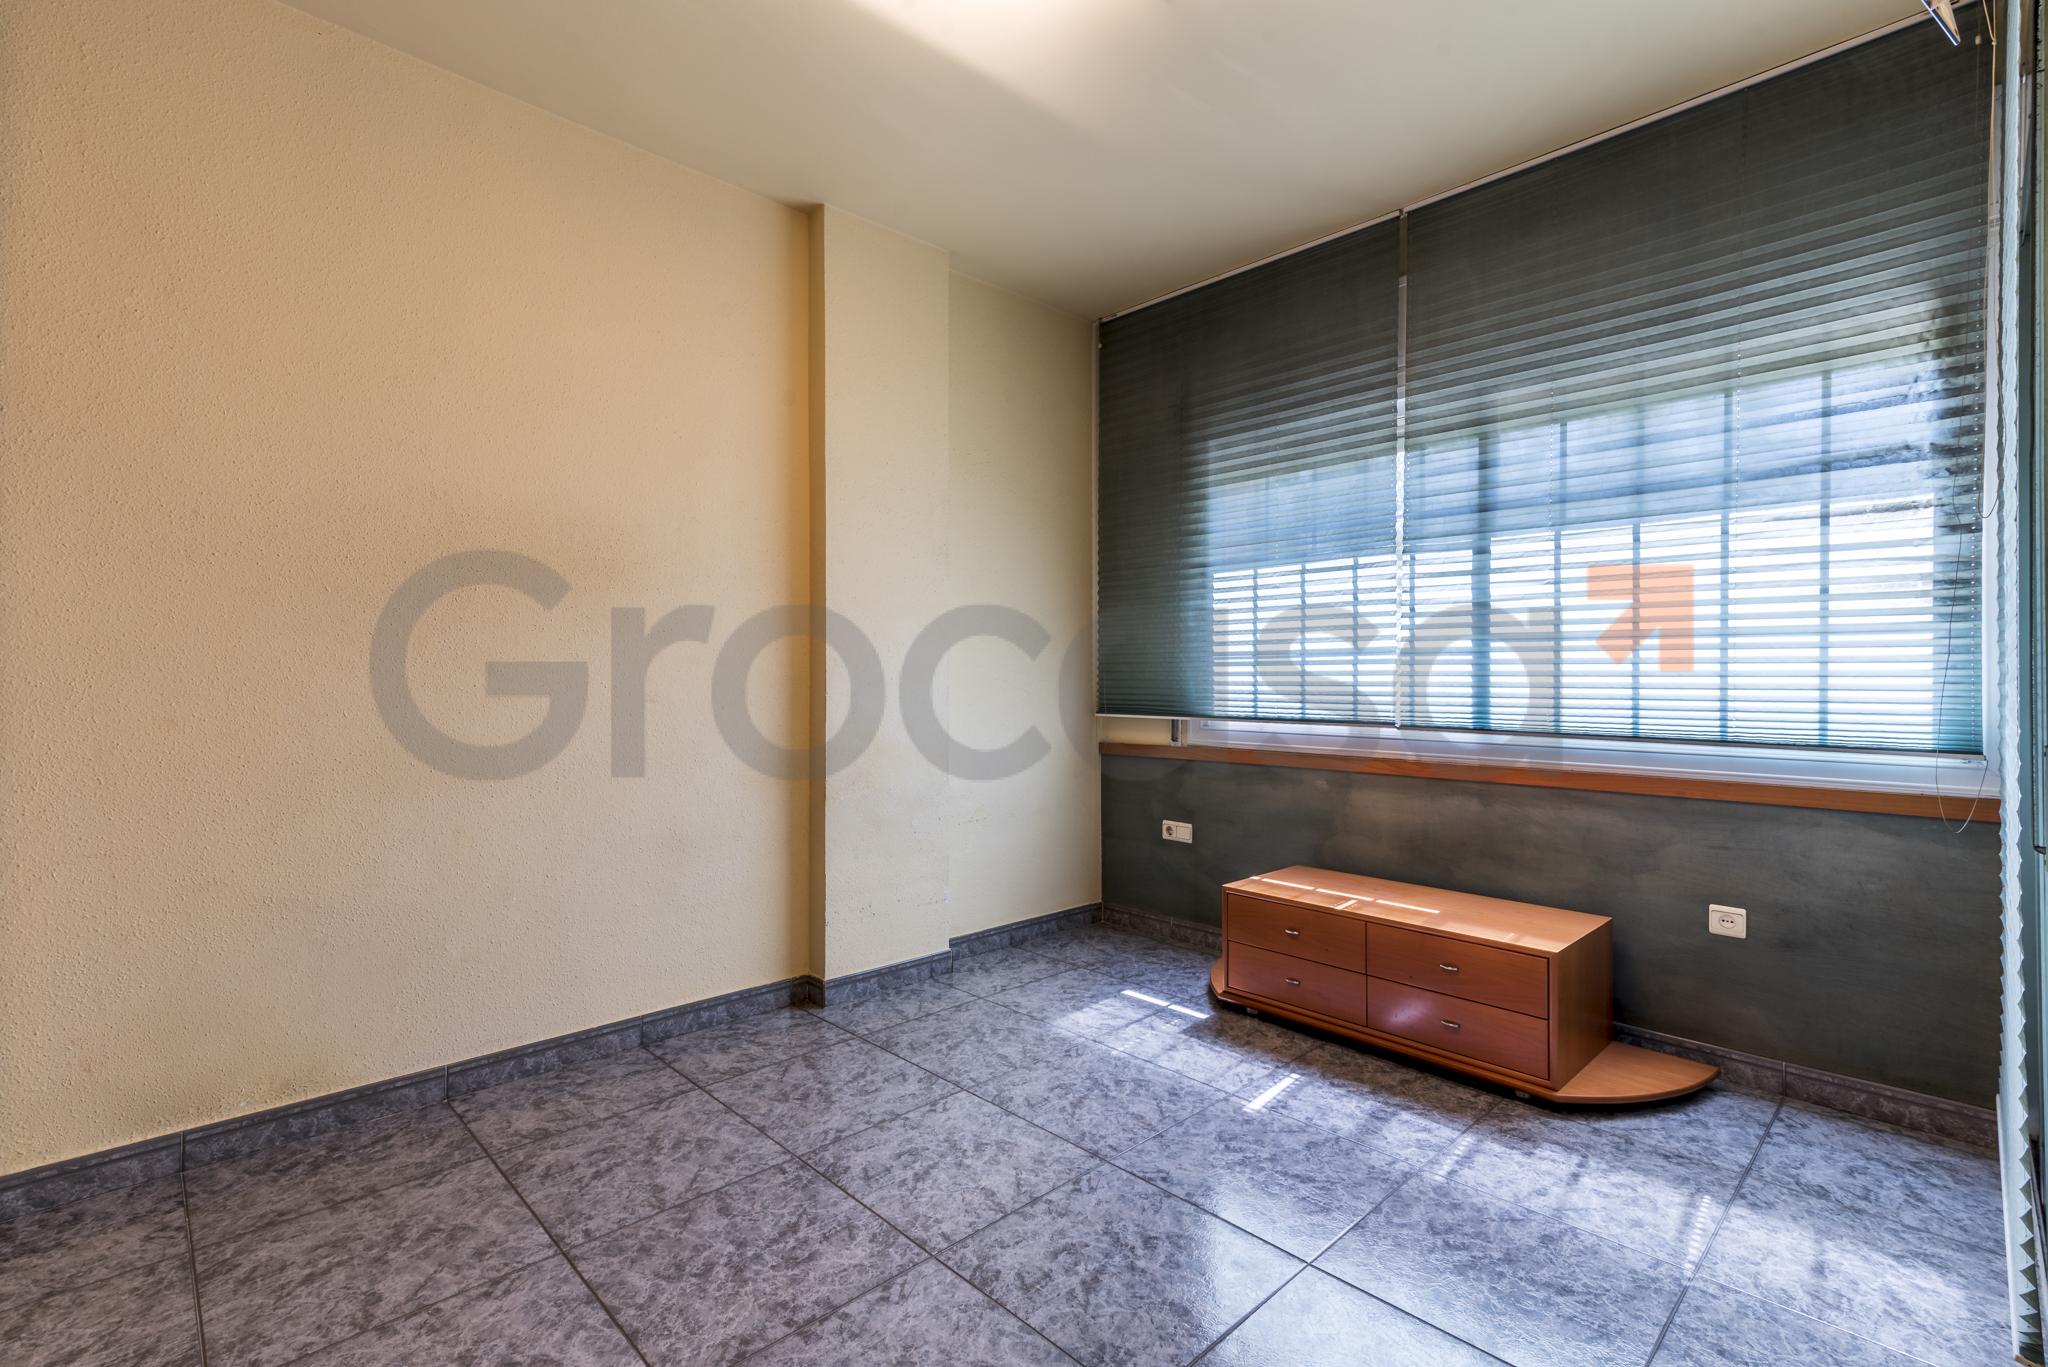 Piso en Sant josep en L'Hospitalet de llobregat en Venta por 249.000€